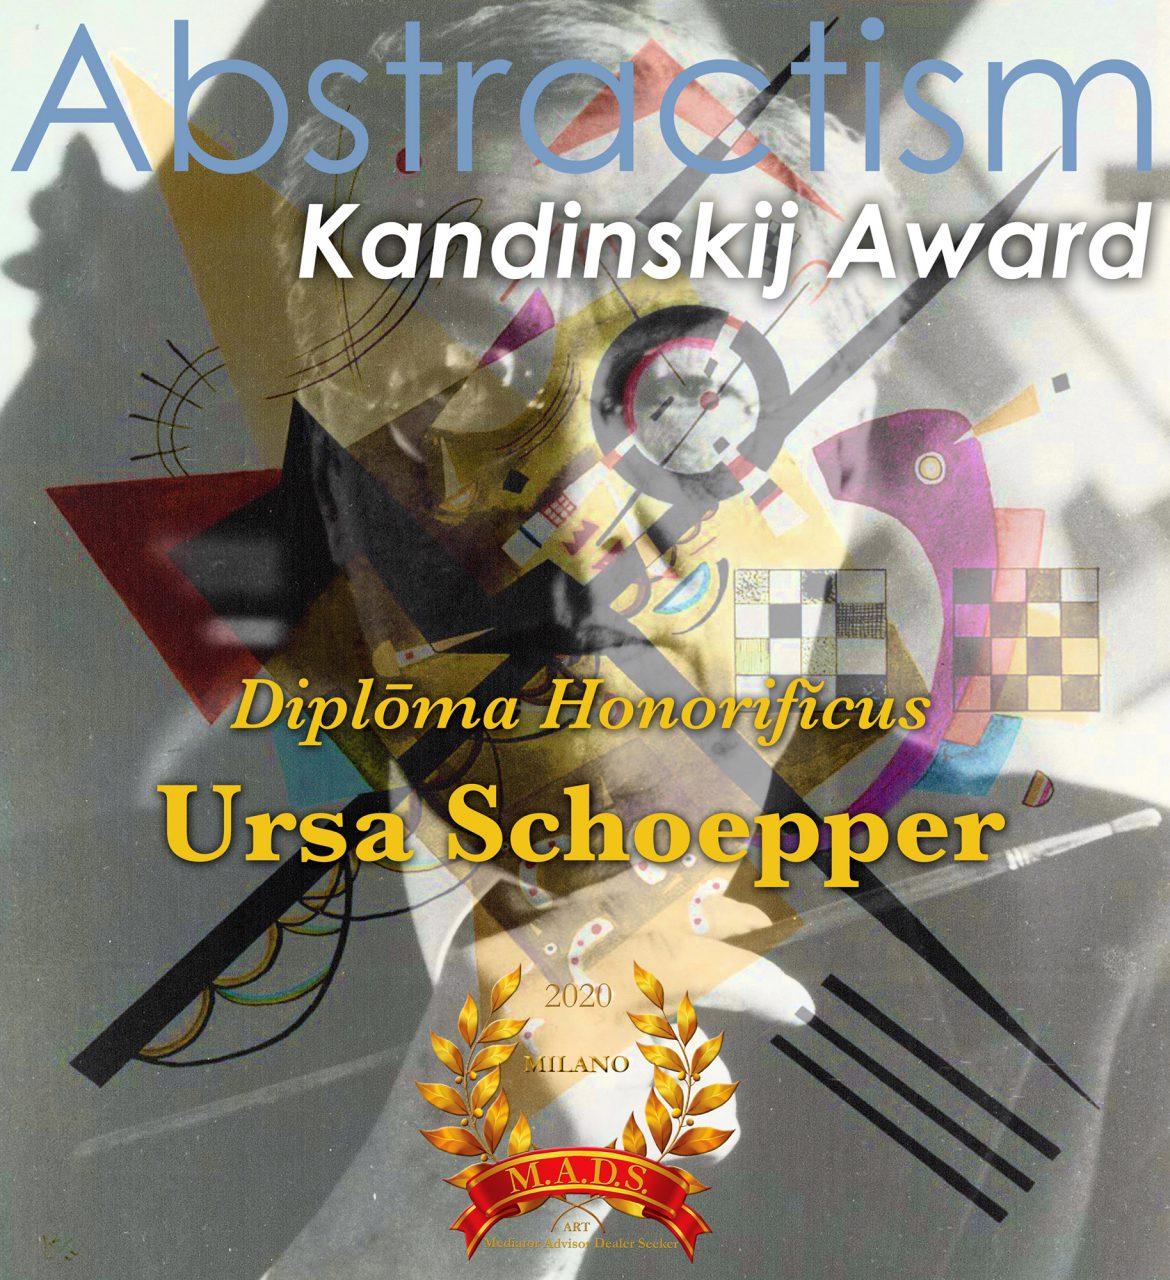 Kandinsky Award 2020 Diploma Honorificus image